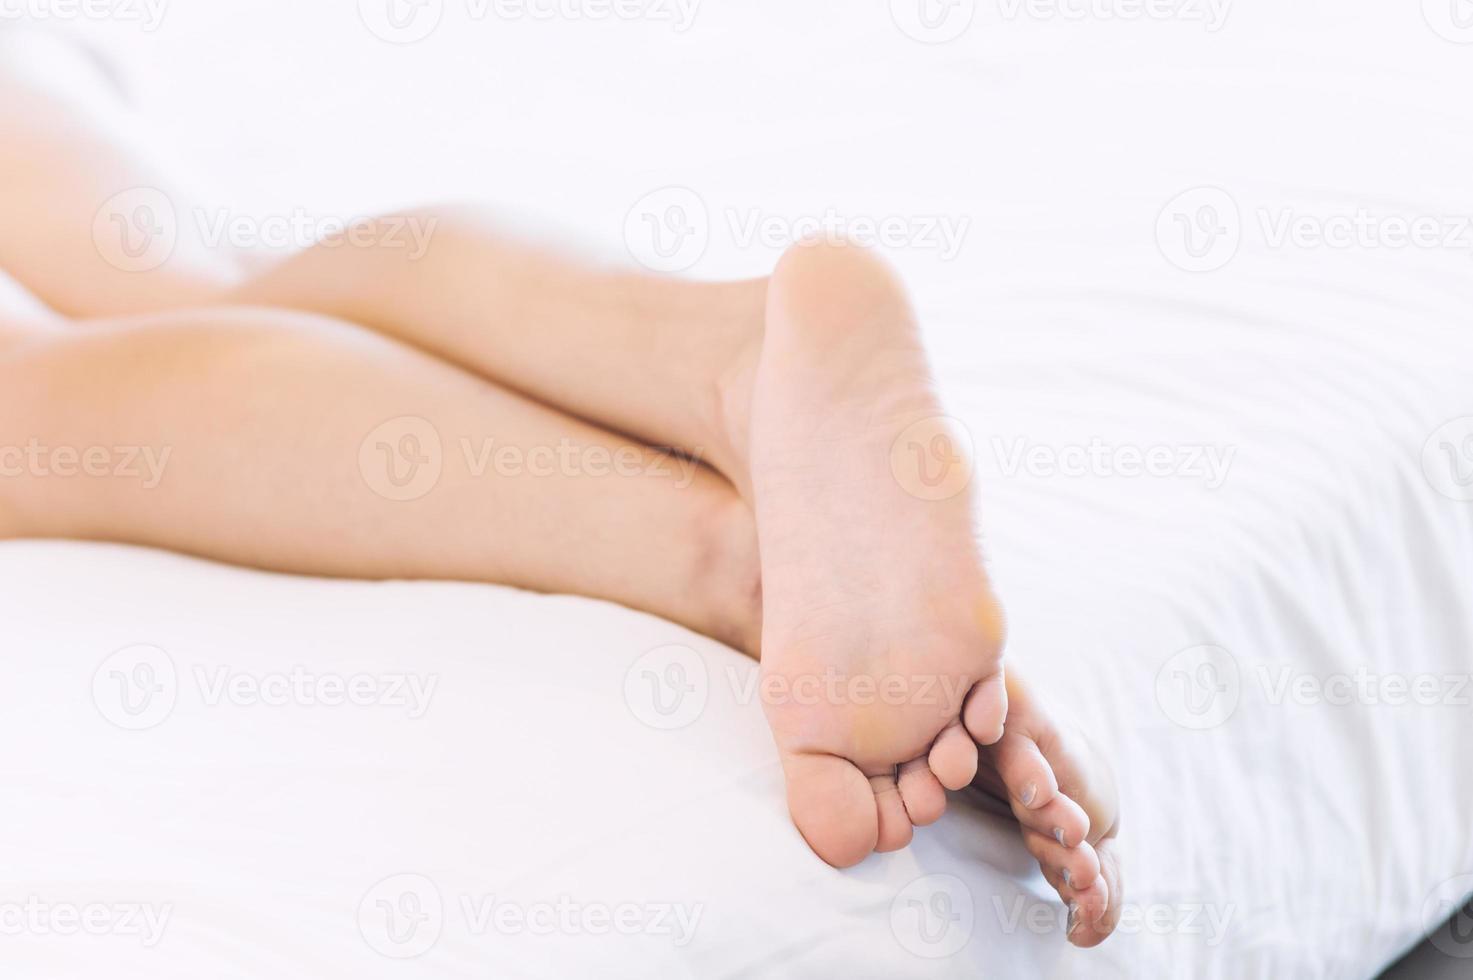 jeune femme, coucher lit, à, closeup, de, pieds nus photo